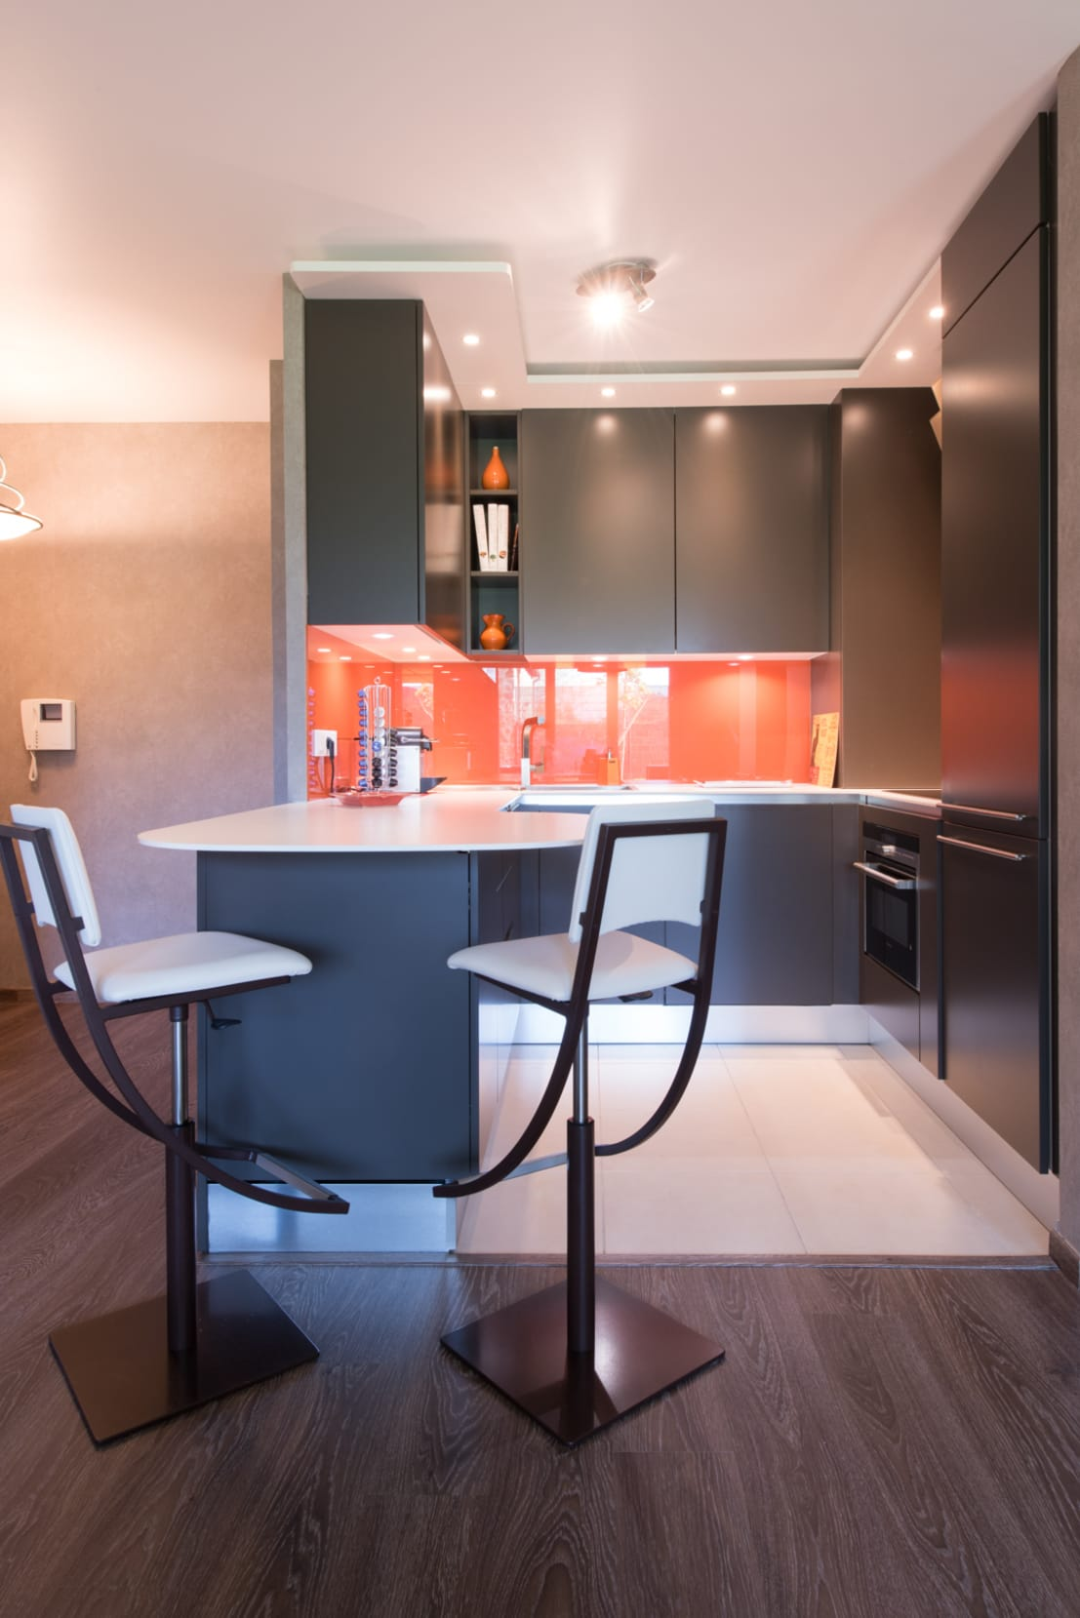 la cuisine dans le bain sk concept cuisine orange laqu mod le sigma ouverte sur salon style. Black Bedroom Furniture Sets. Home Design Ideas